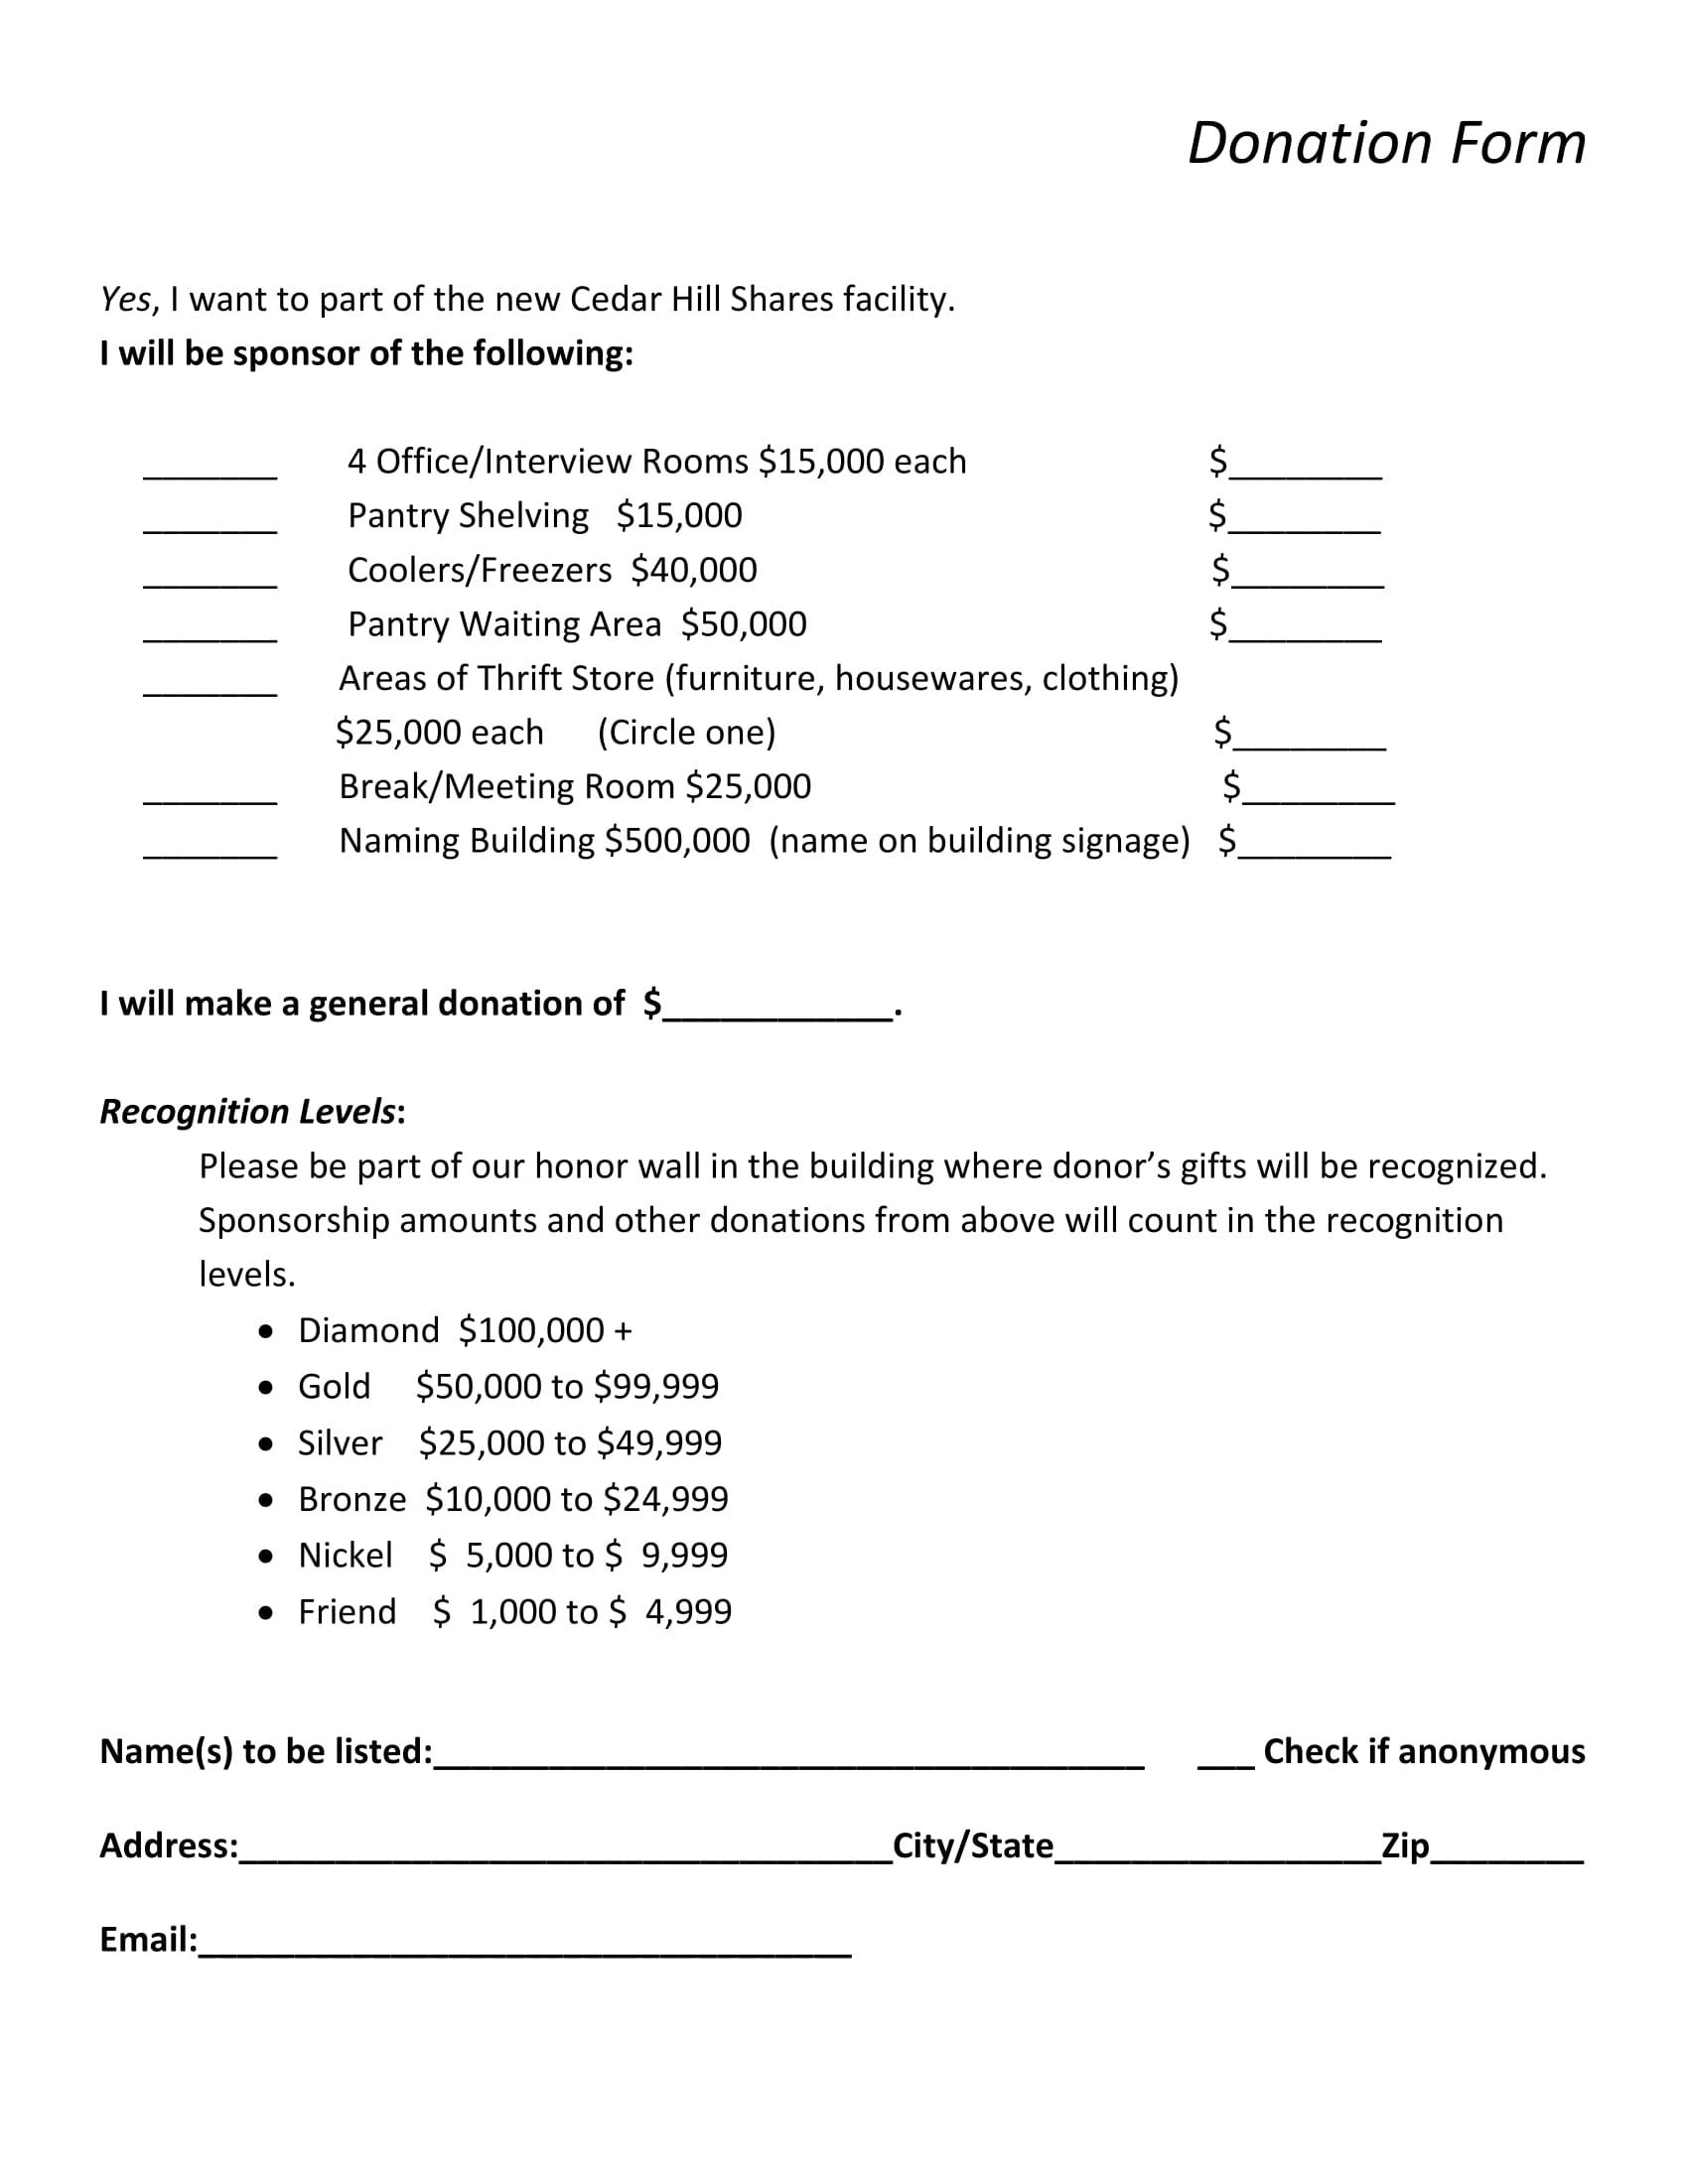 facility donation form 1